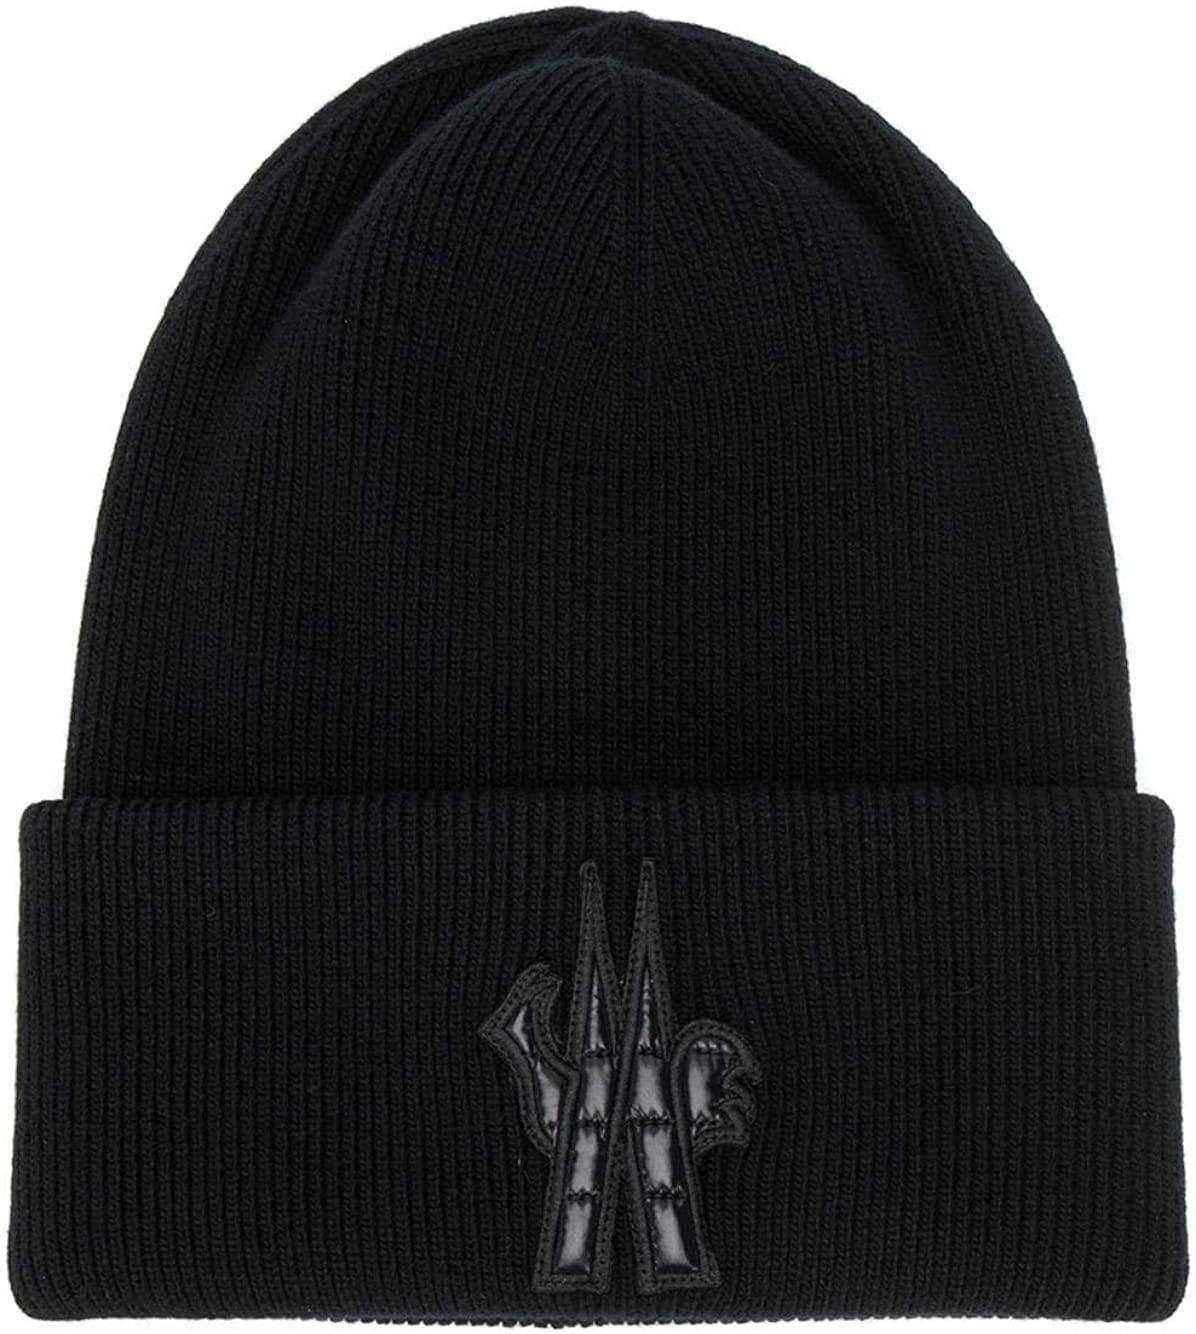 Moncler Grenoble Men's Black Wool Logo Beanie Hat Oversized